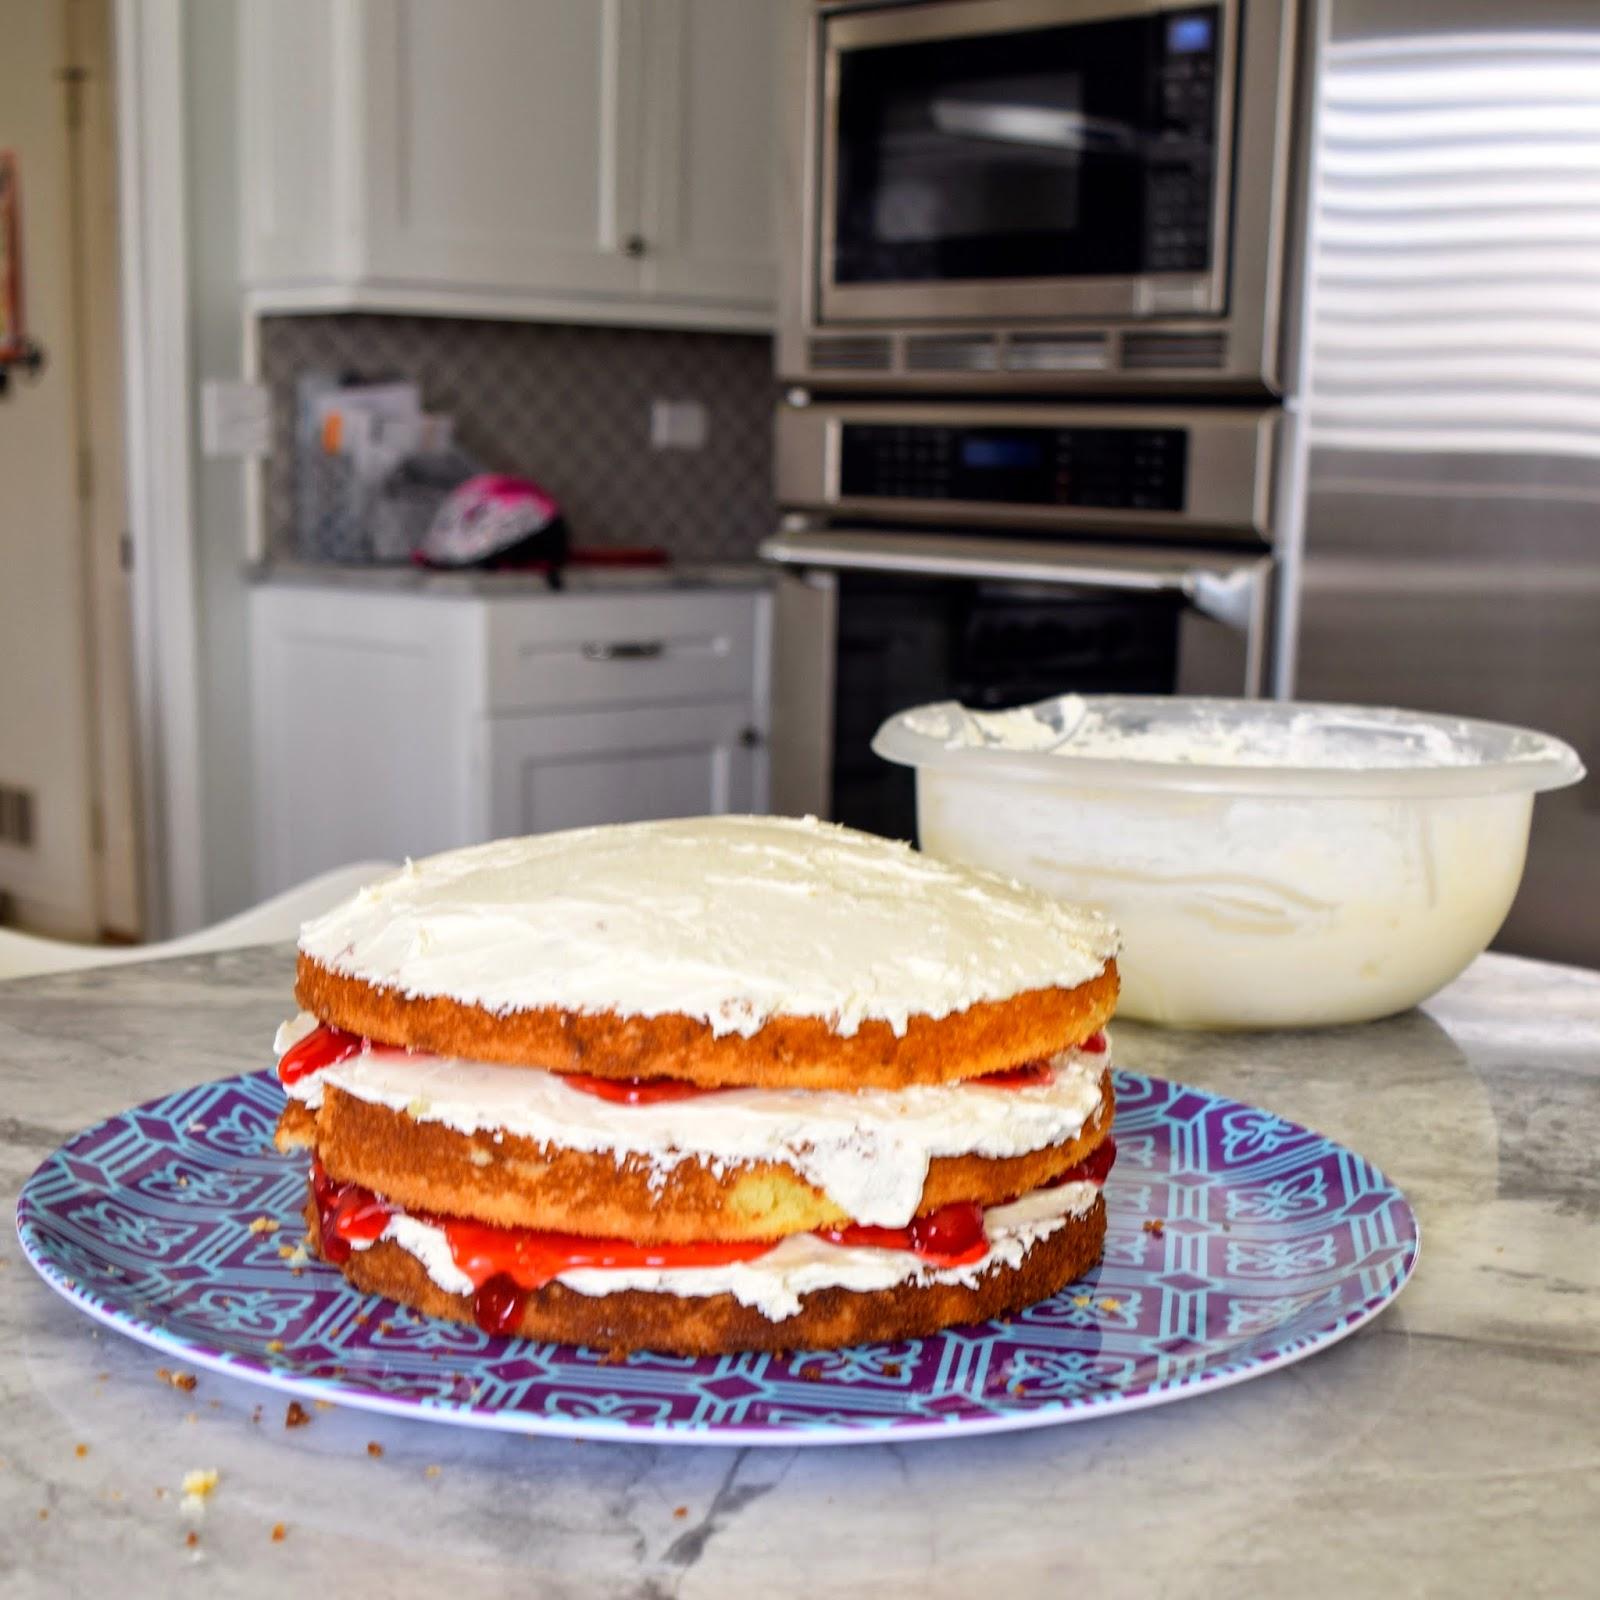 cherry layered cake recipe